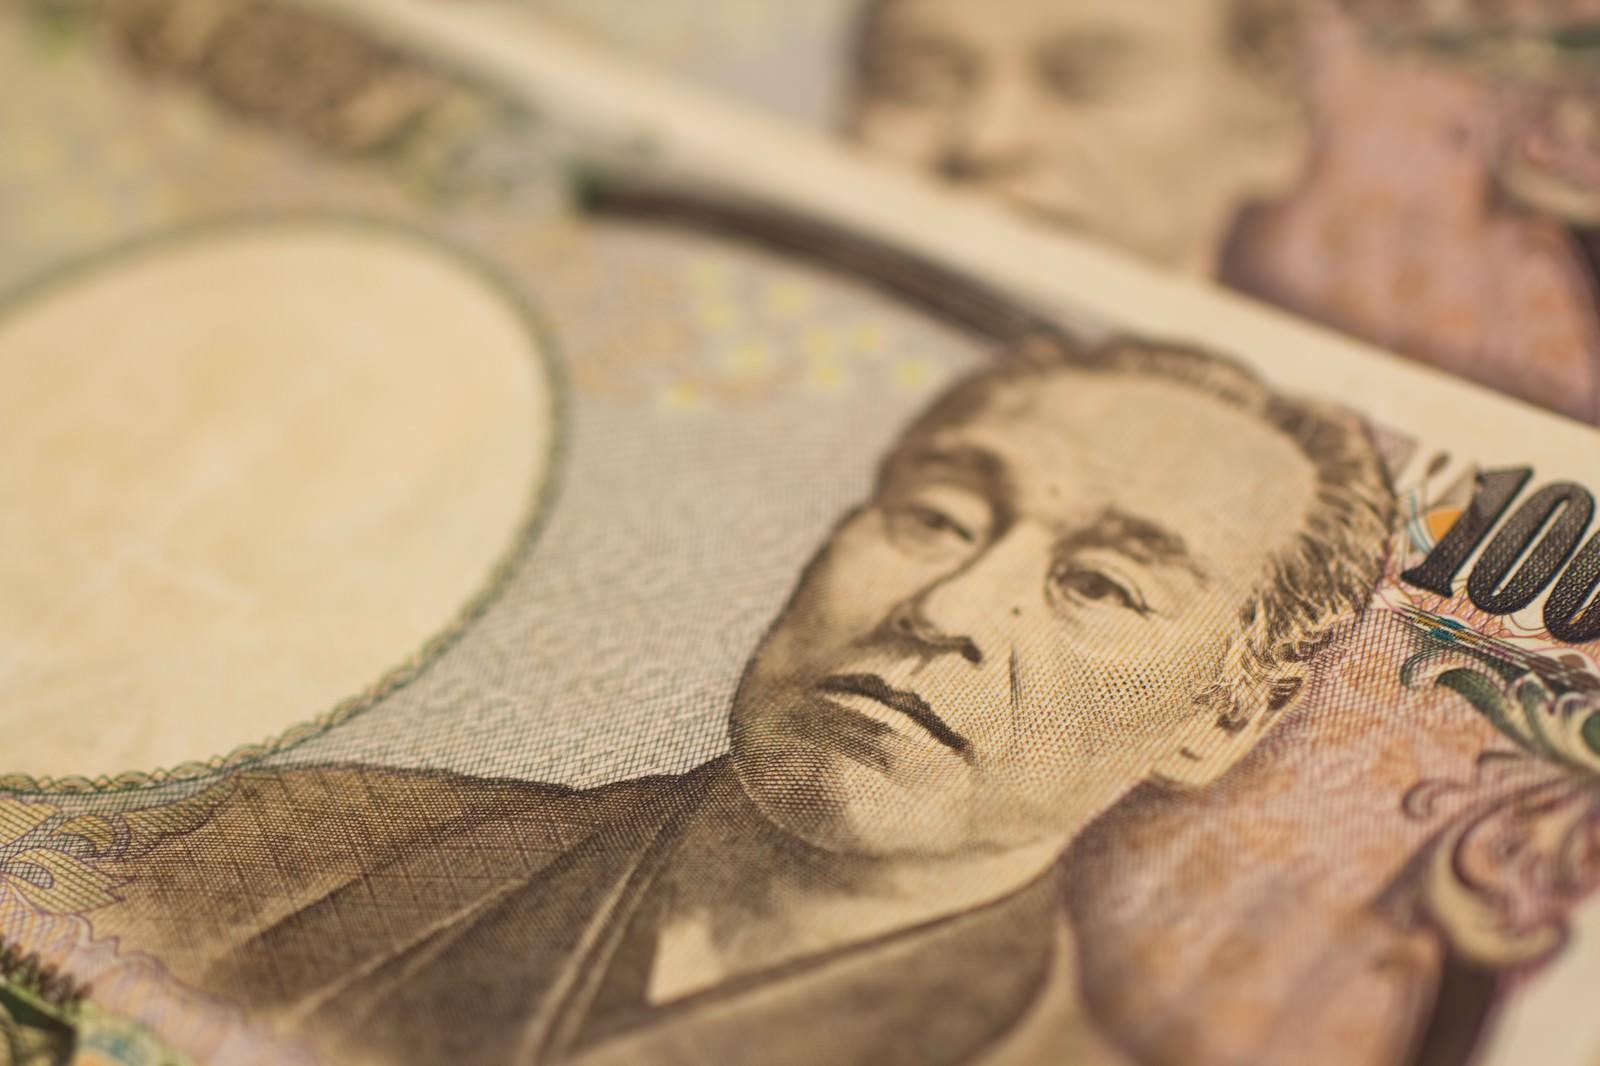 「重ねた壱萬円札重ねた壱萬円札」のフリー写真素材